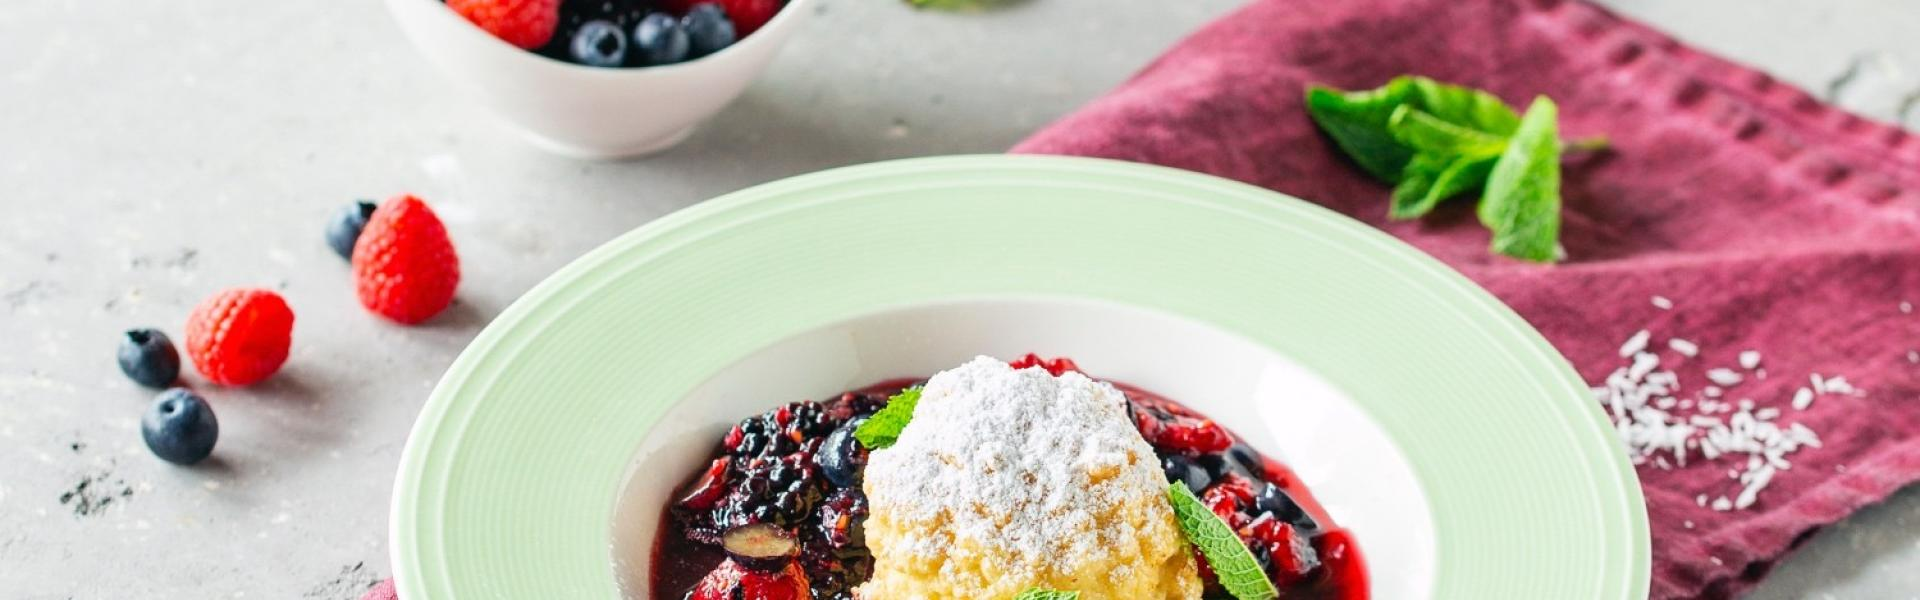 Frittiertes Eis im Kokosmantel auf Beerenspiegel in tiefem Teller.